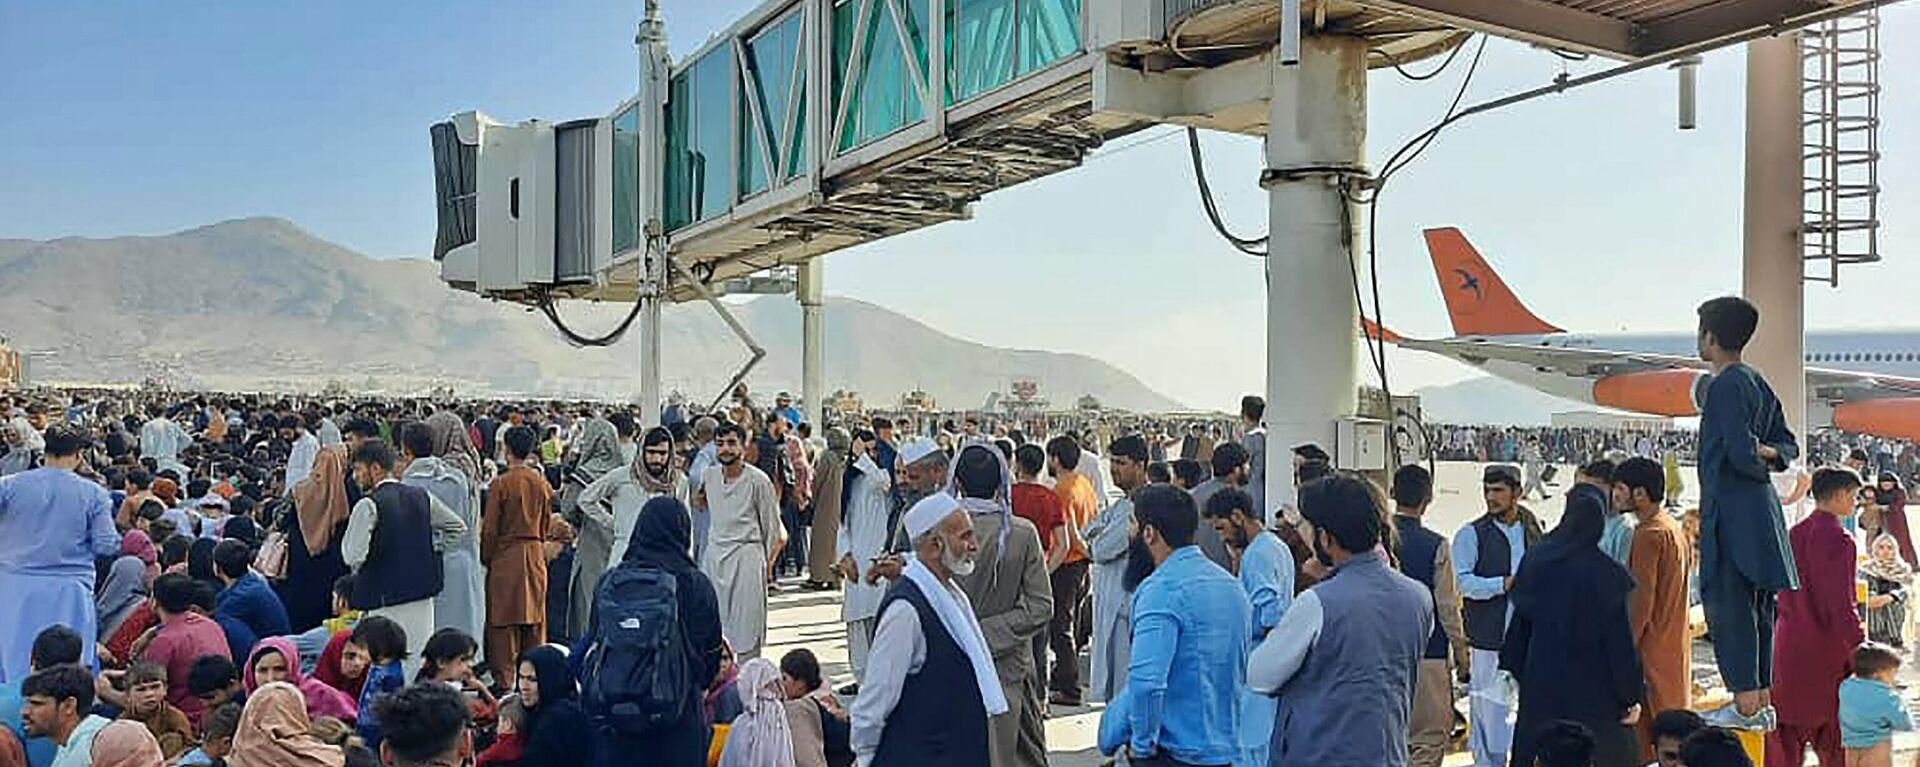 Авганистанци на аеродрому у Кабулу - Sputnik Србија, 1920, 16.08.2021